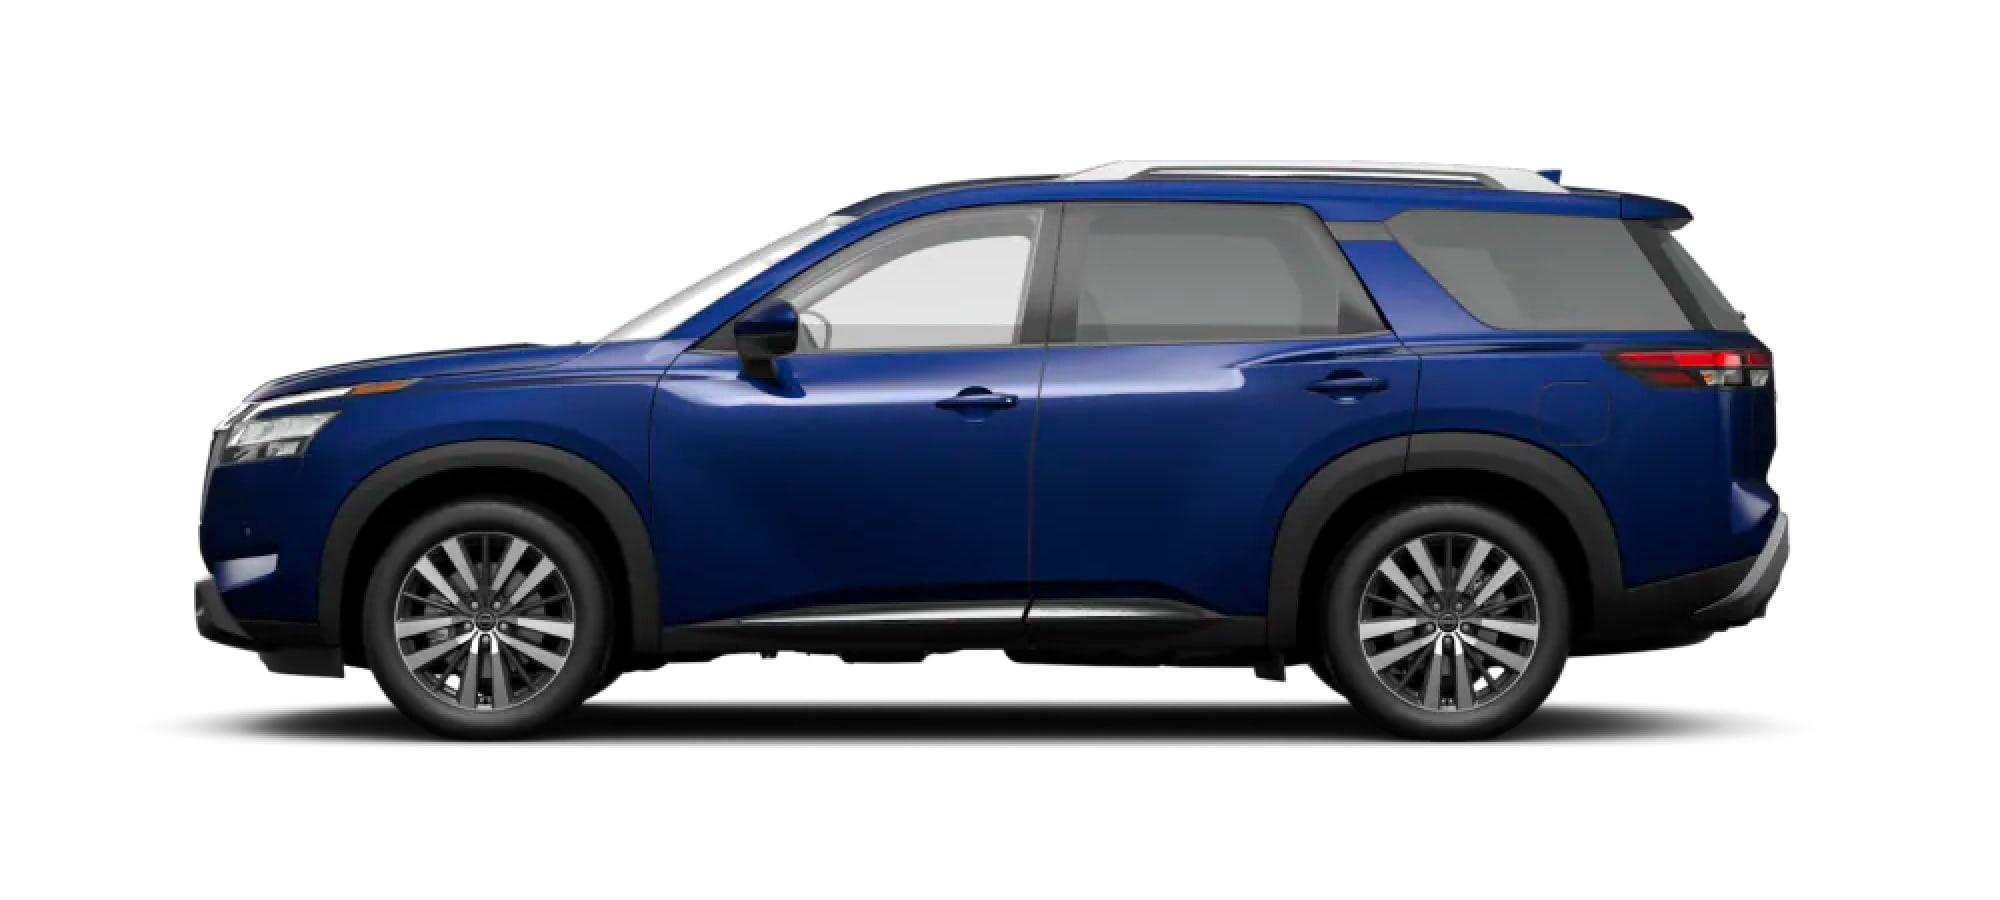 2022 Nissan Pathfinder in Deep Ocean Blue Pearl